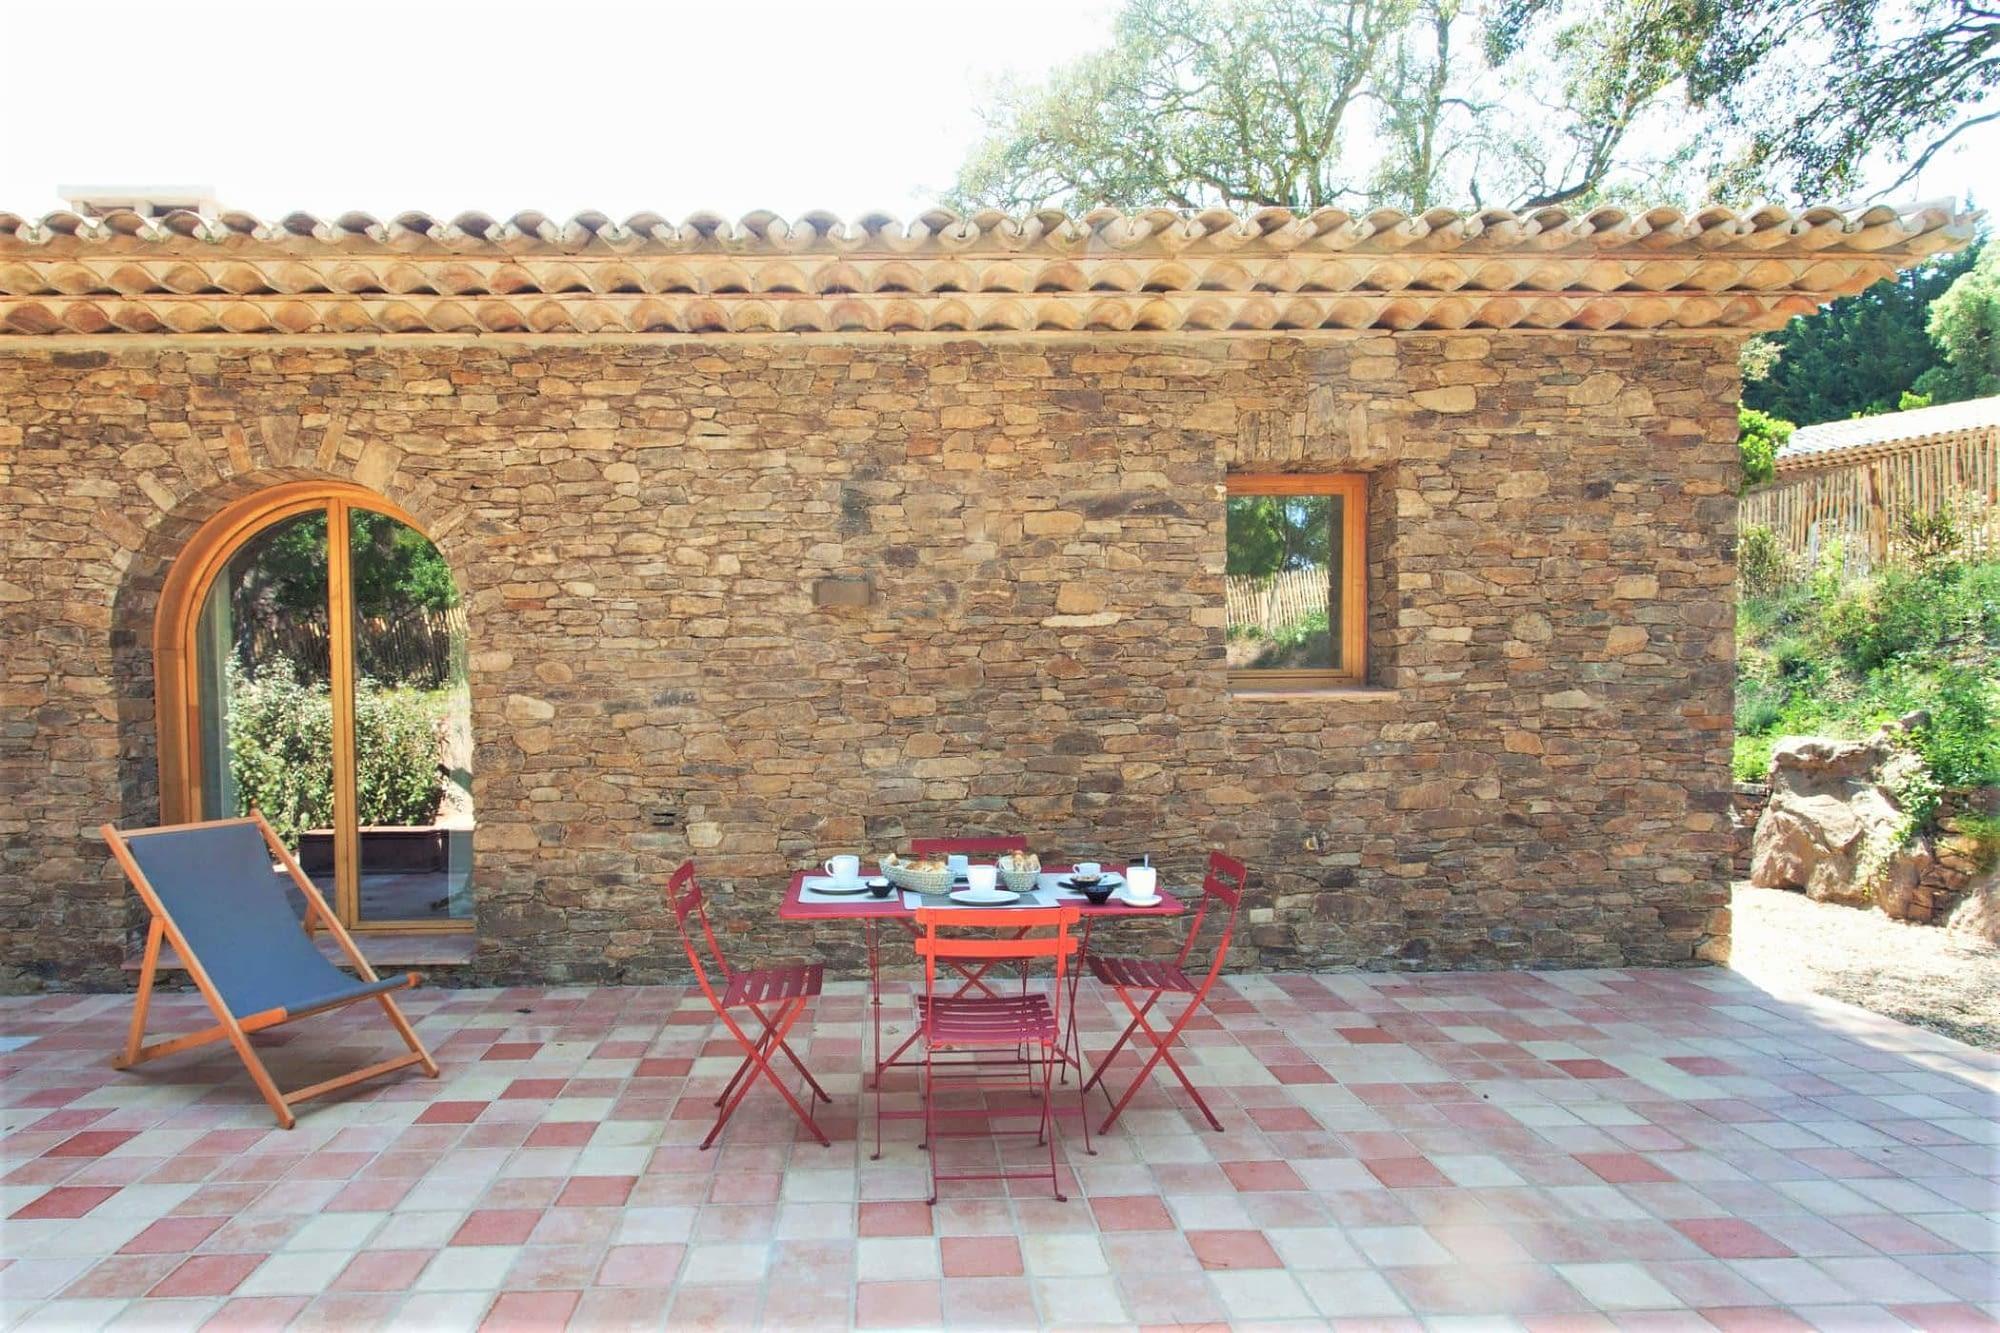 Terrasse de la maison L'arbousier / Terrace of the house L'arbousier